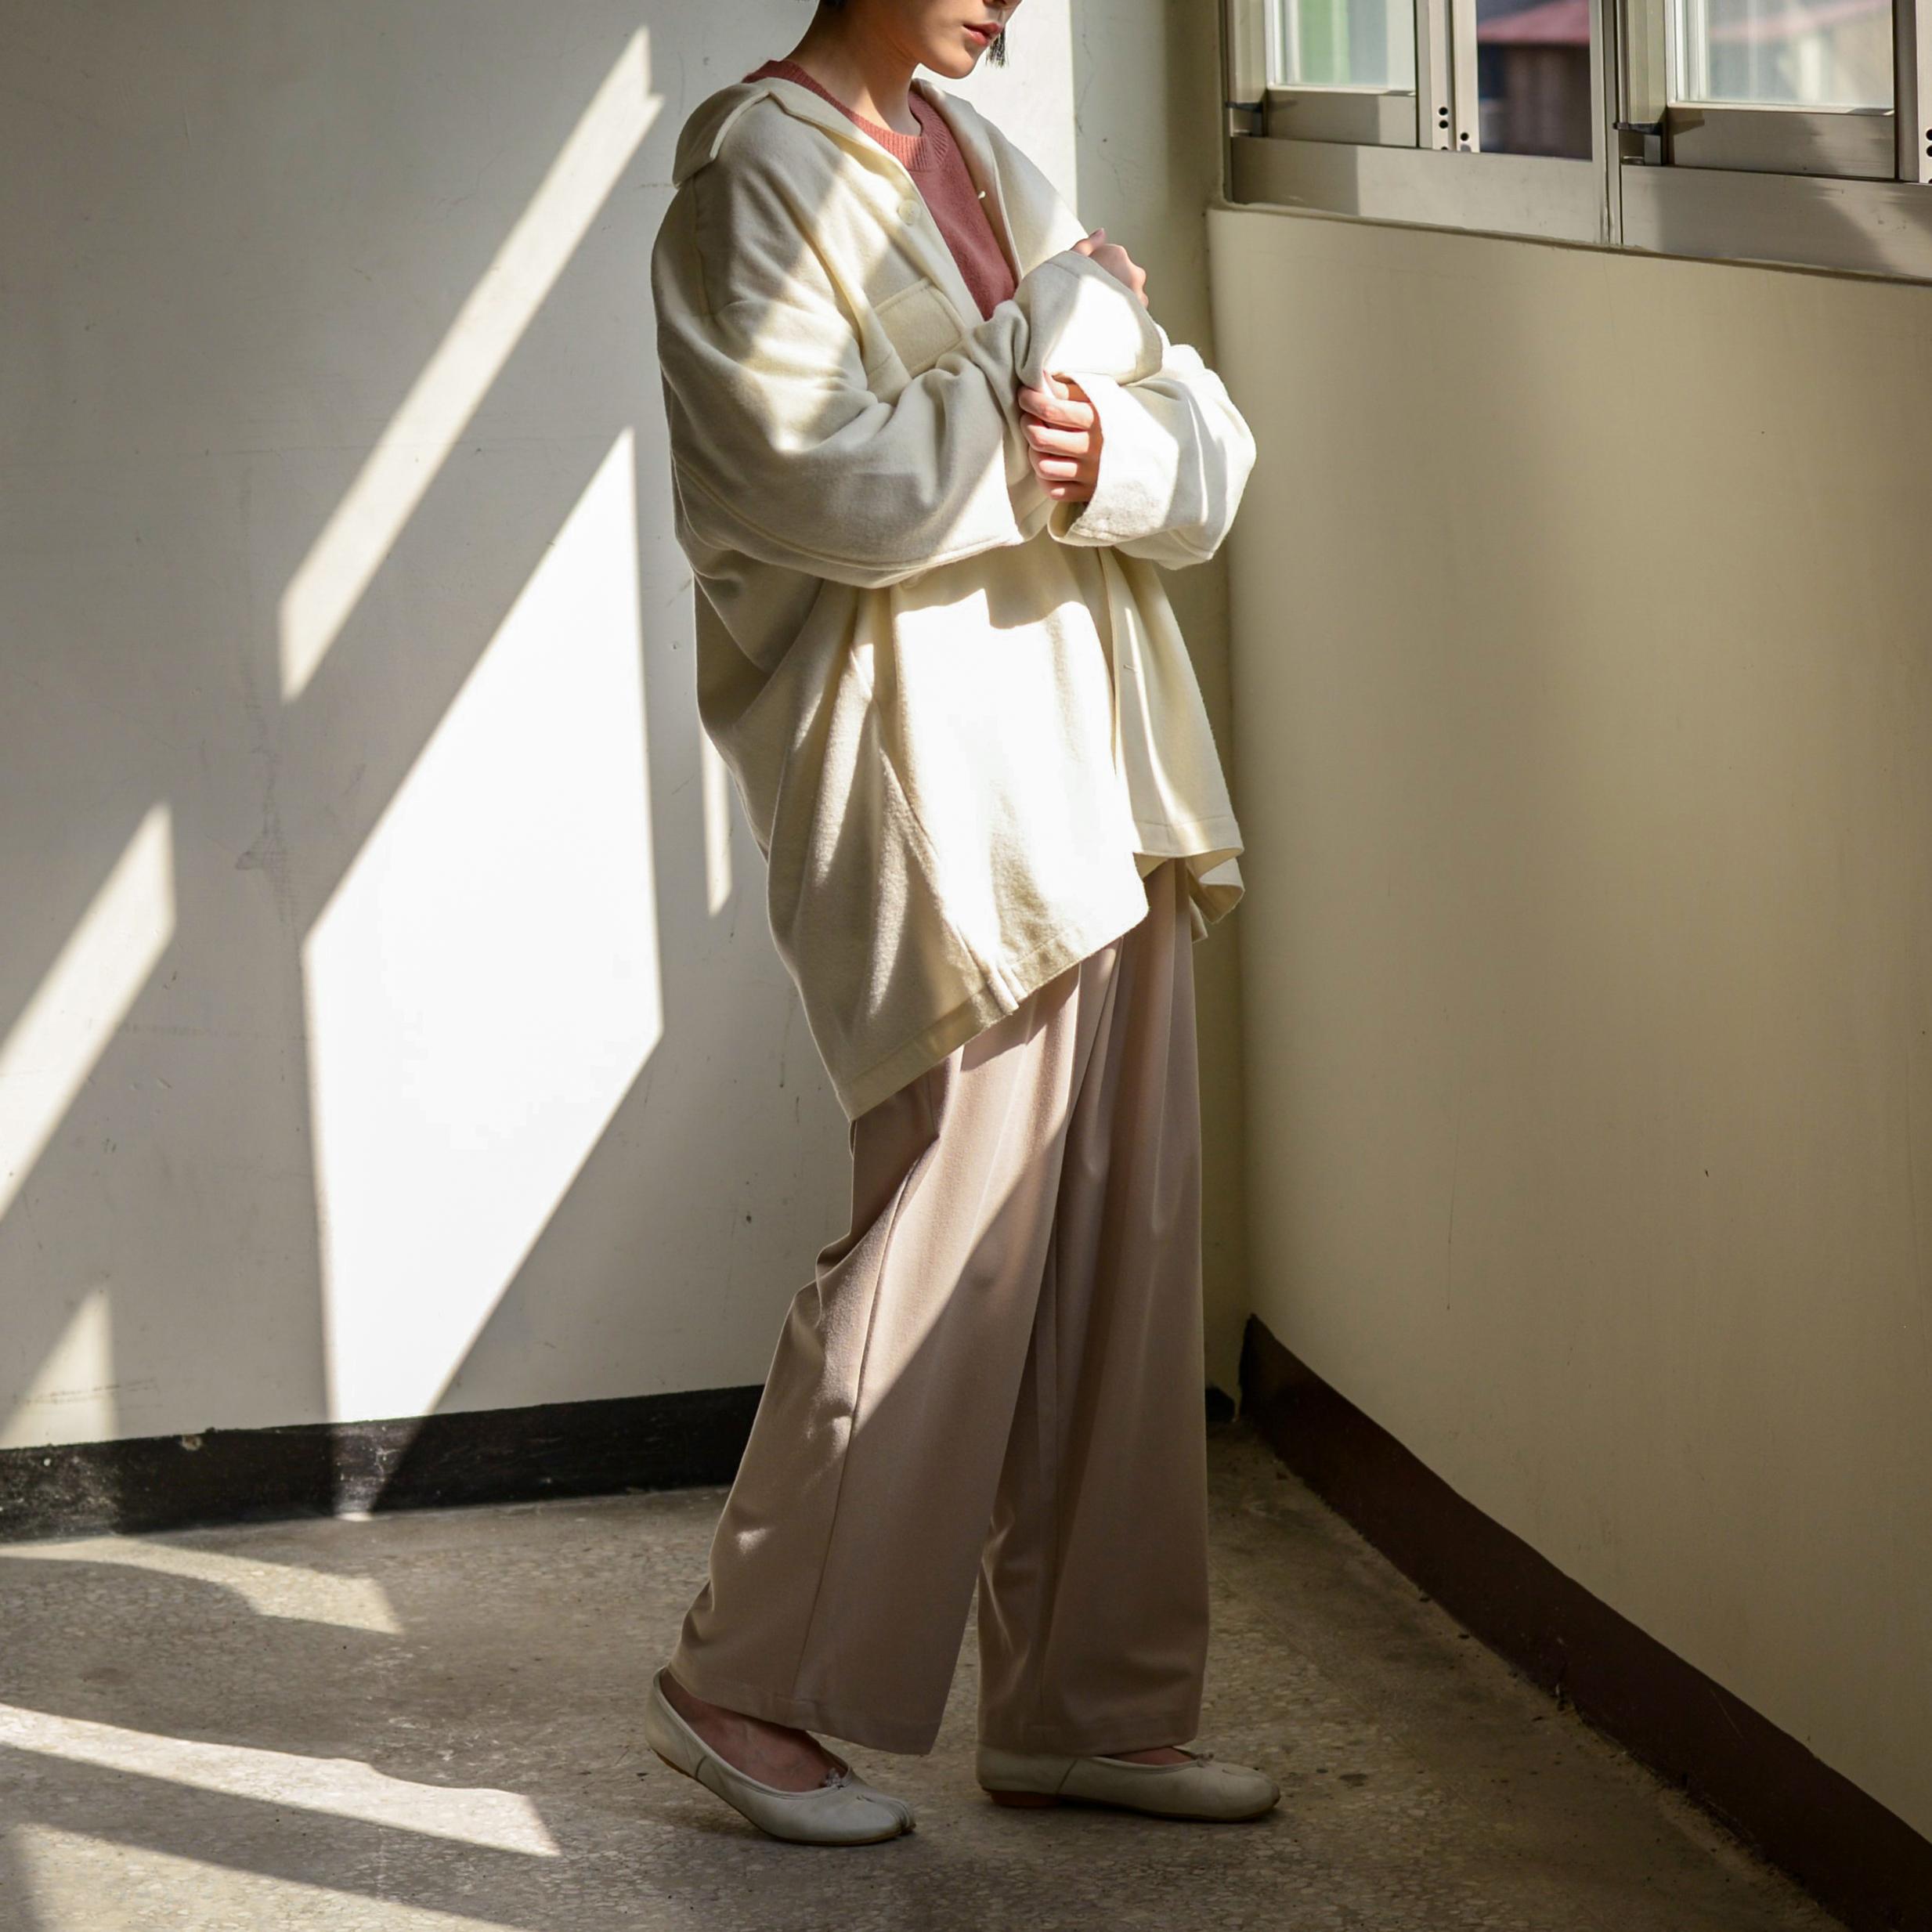 中性服裝,中性服裝品牌,中性穿搭,中性穿搭 女,中性穿搭 男,中性,unisex,unisex衣服,unisex clothing,中性服飾,中性趨勢